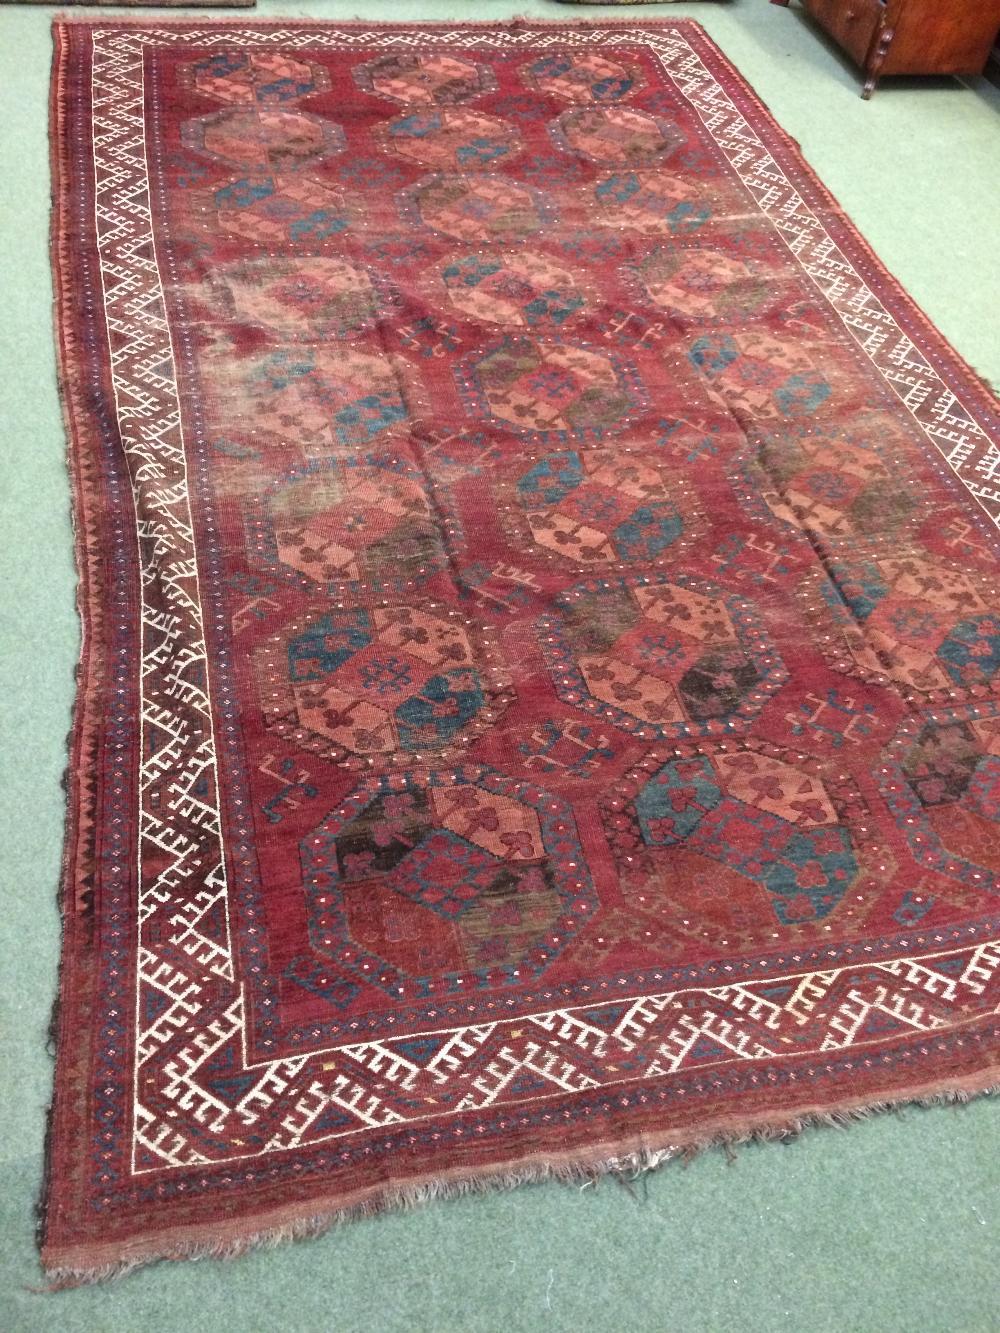 Lot 708 - Antique Ersari carpet Central Asia circa 1890 4.26 X 2.6m